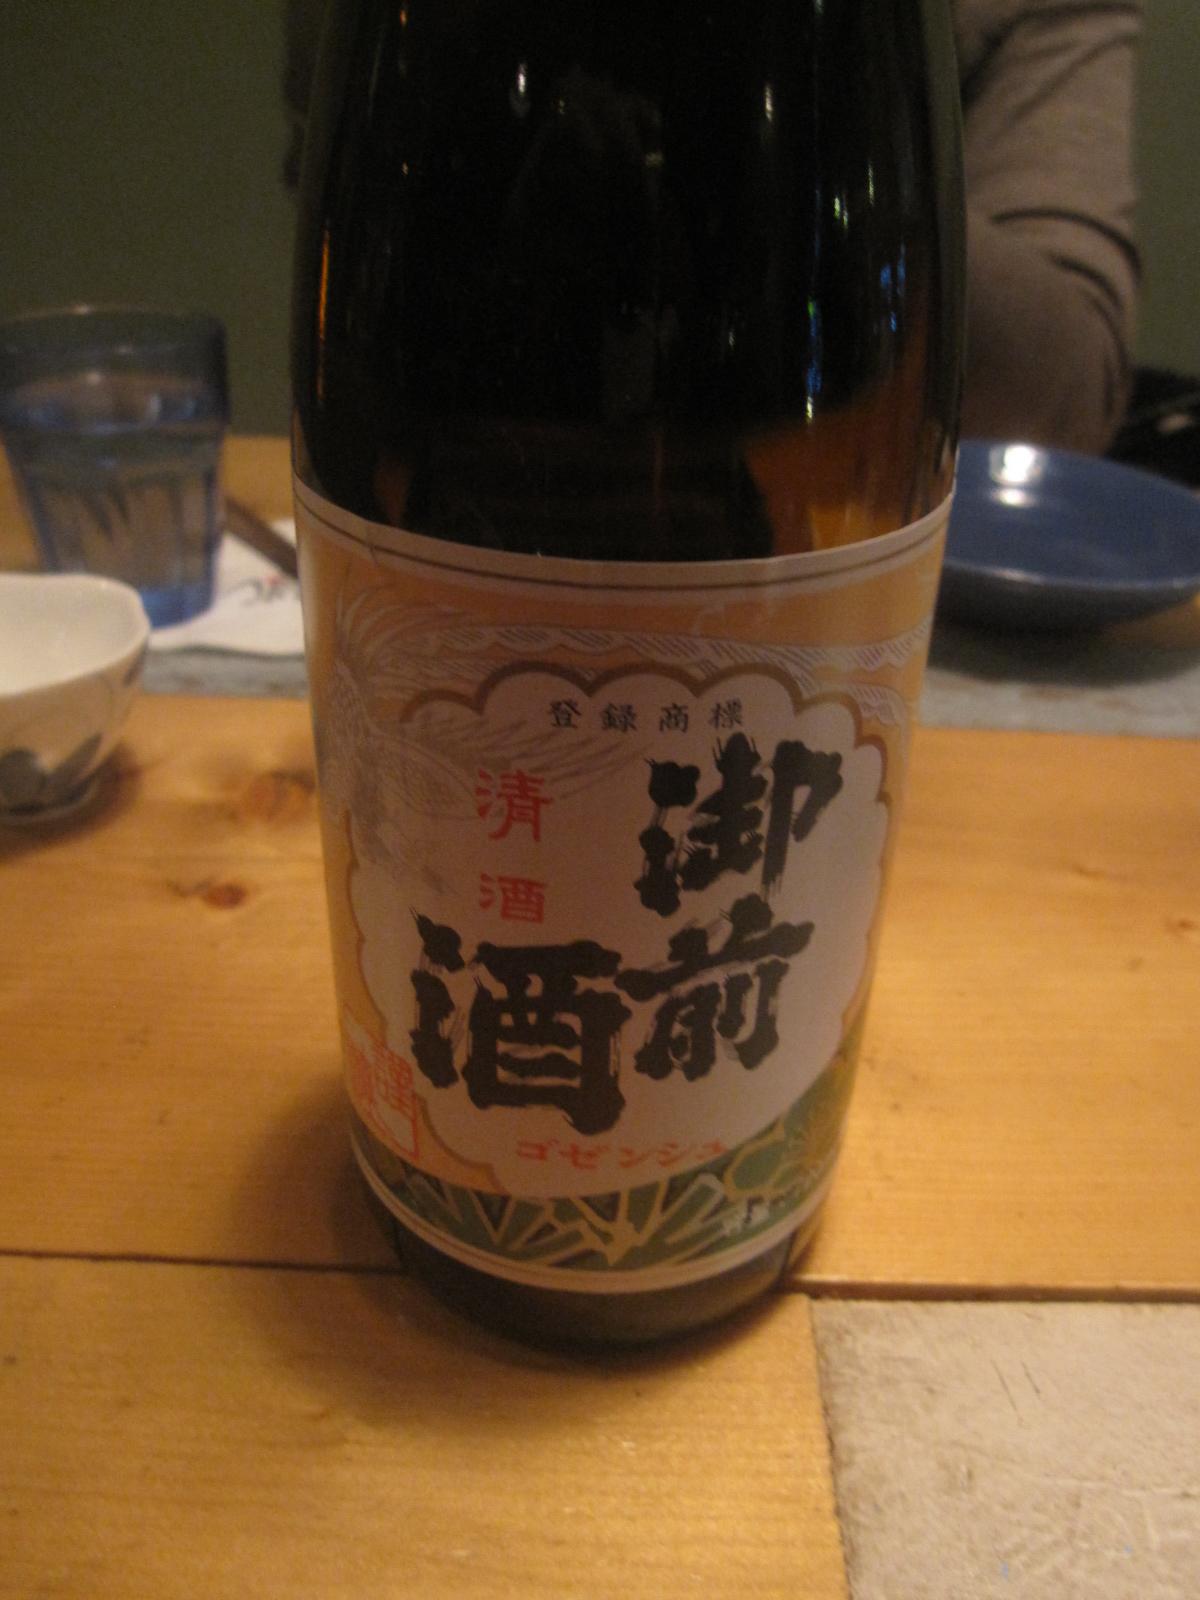 20110214 [삼성역]KooC 쿠시(고젠슈 조센, 참치 ..